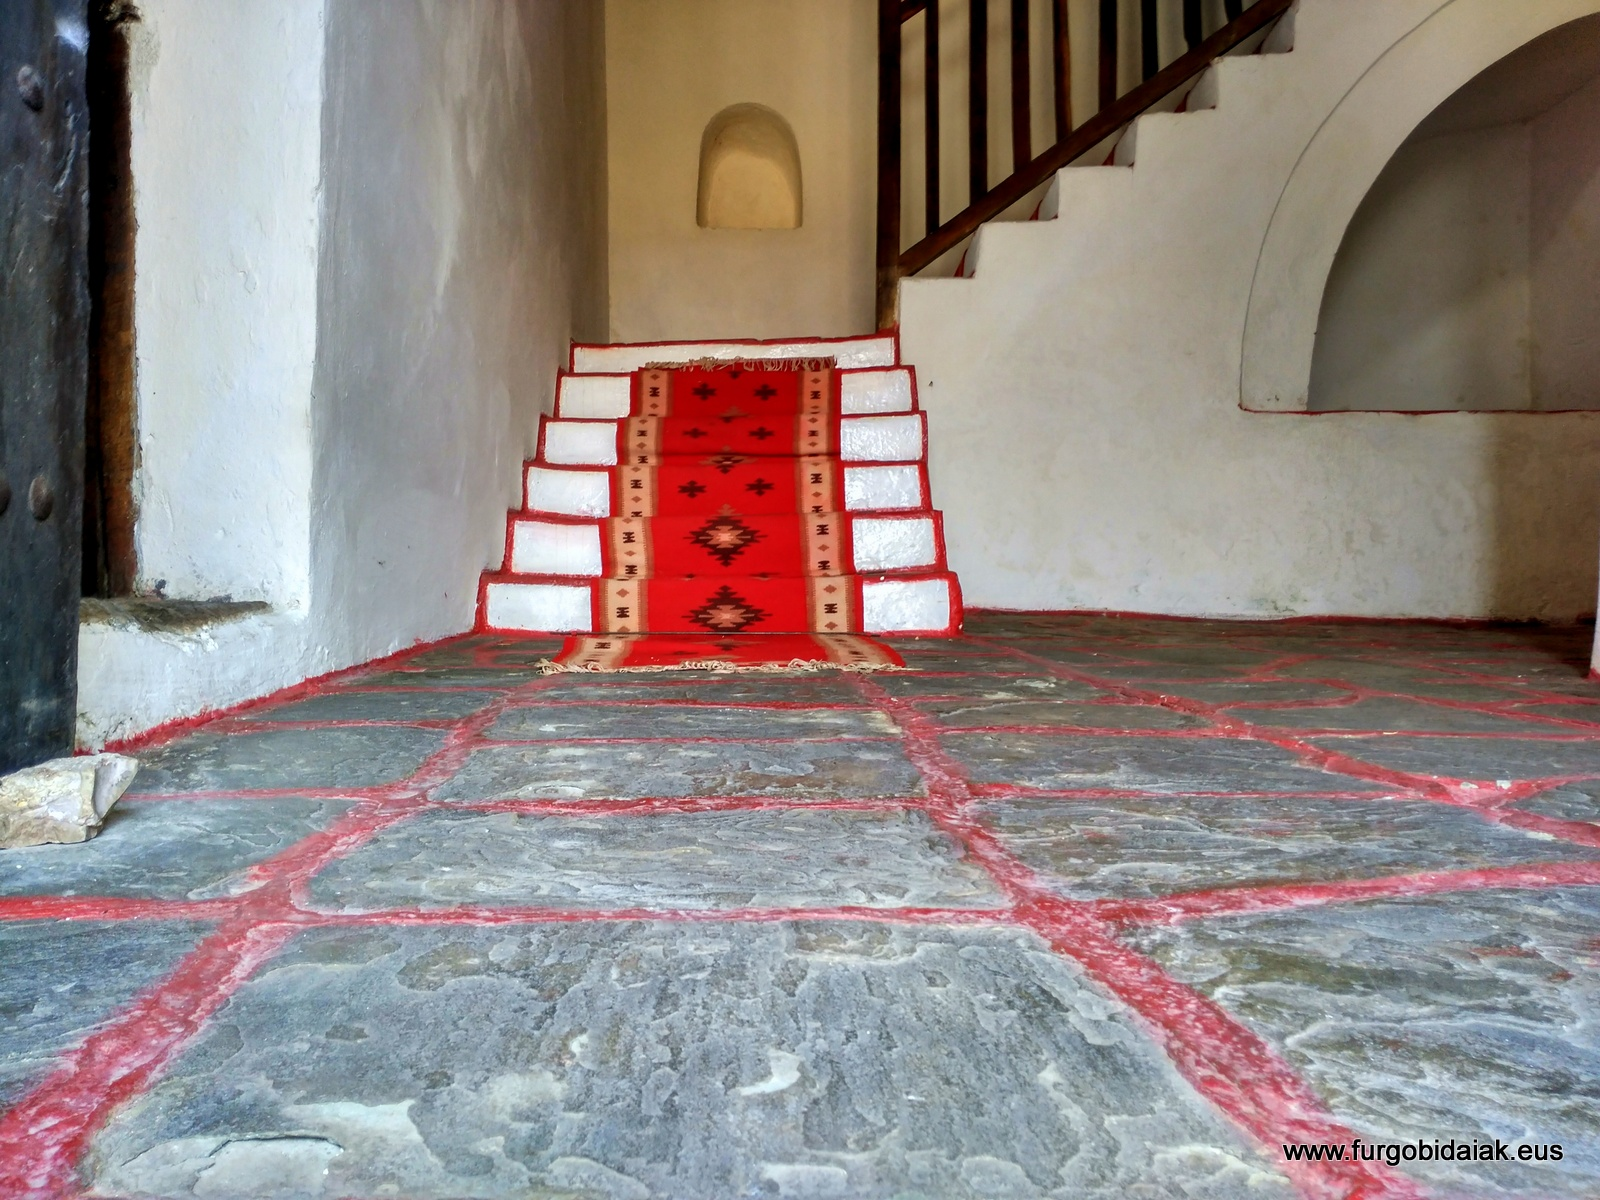 Entrada y escaleras, casa Zekate, Gjirokaster, Albania